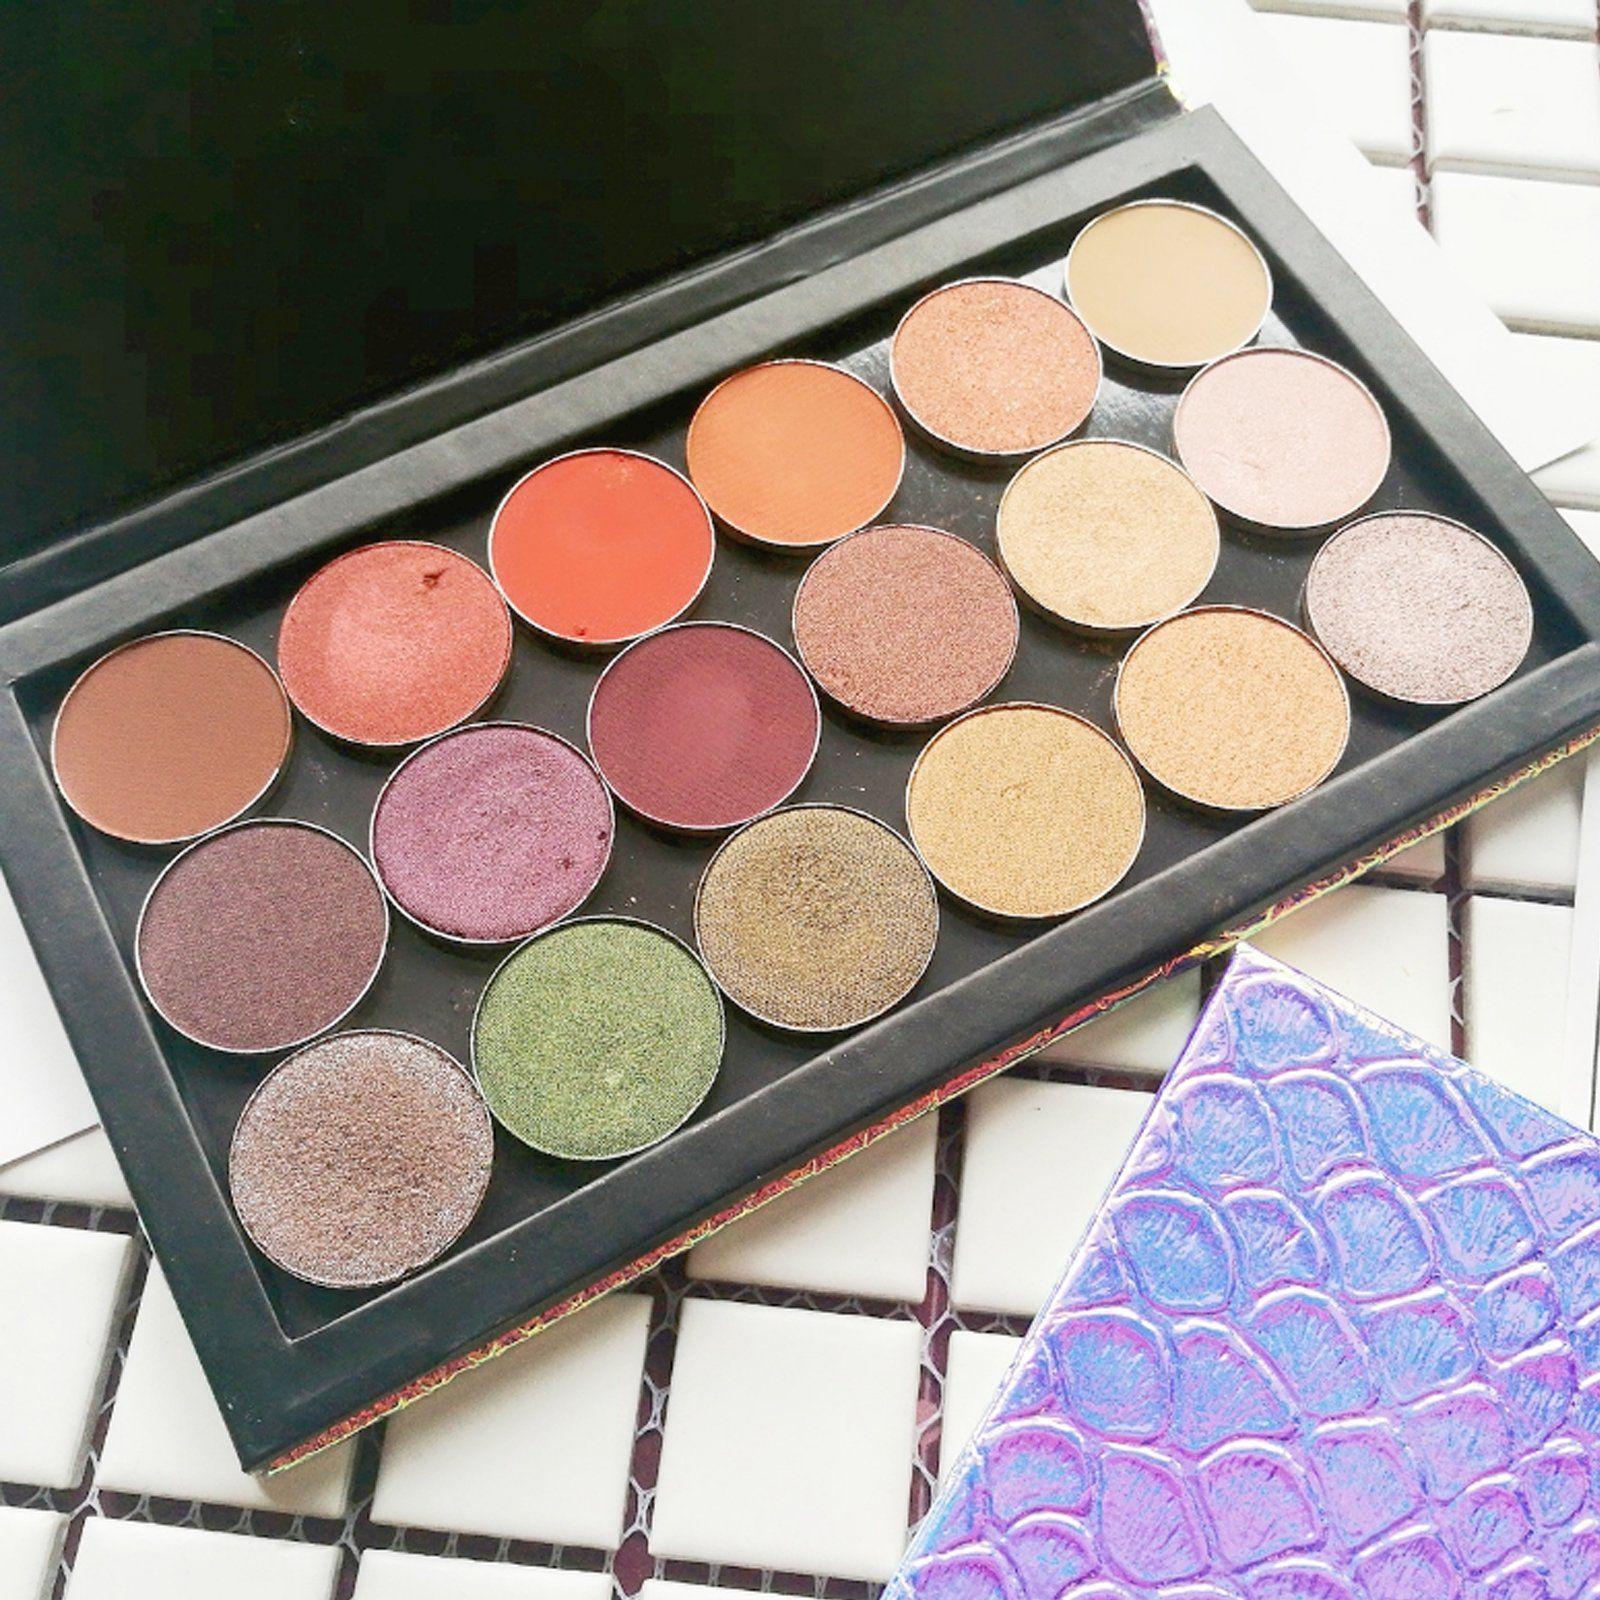 Large Empty Eyeshadow Makeup Box Cosmetics